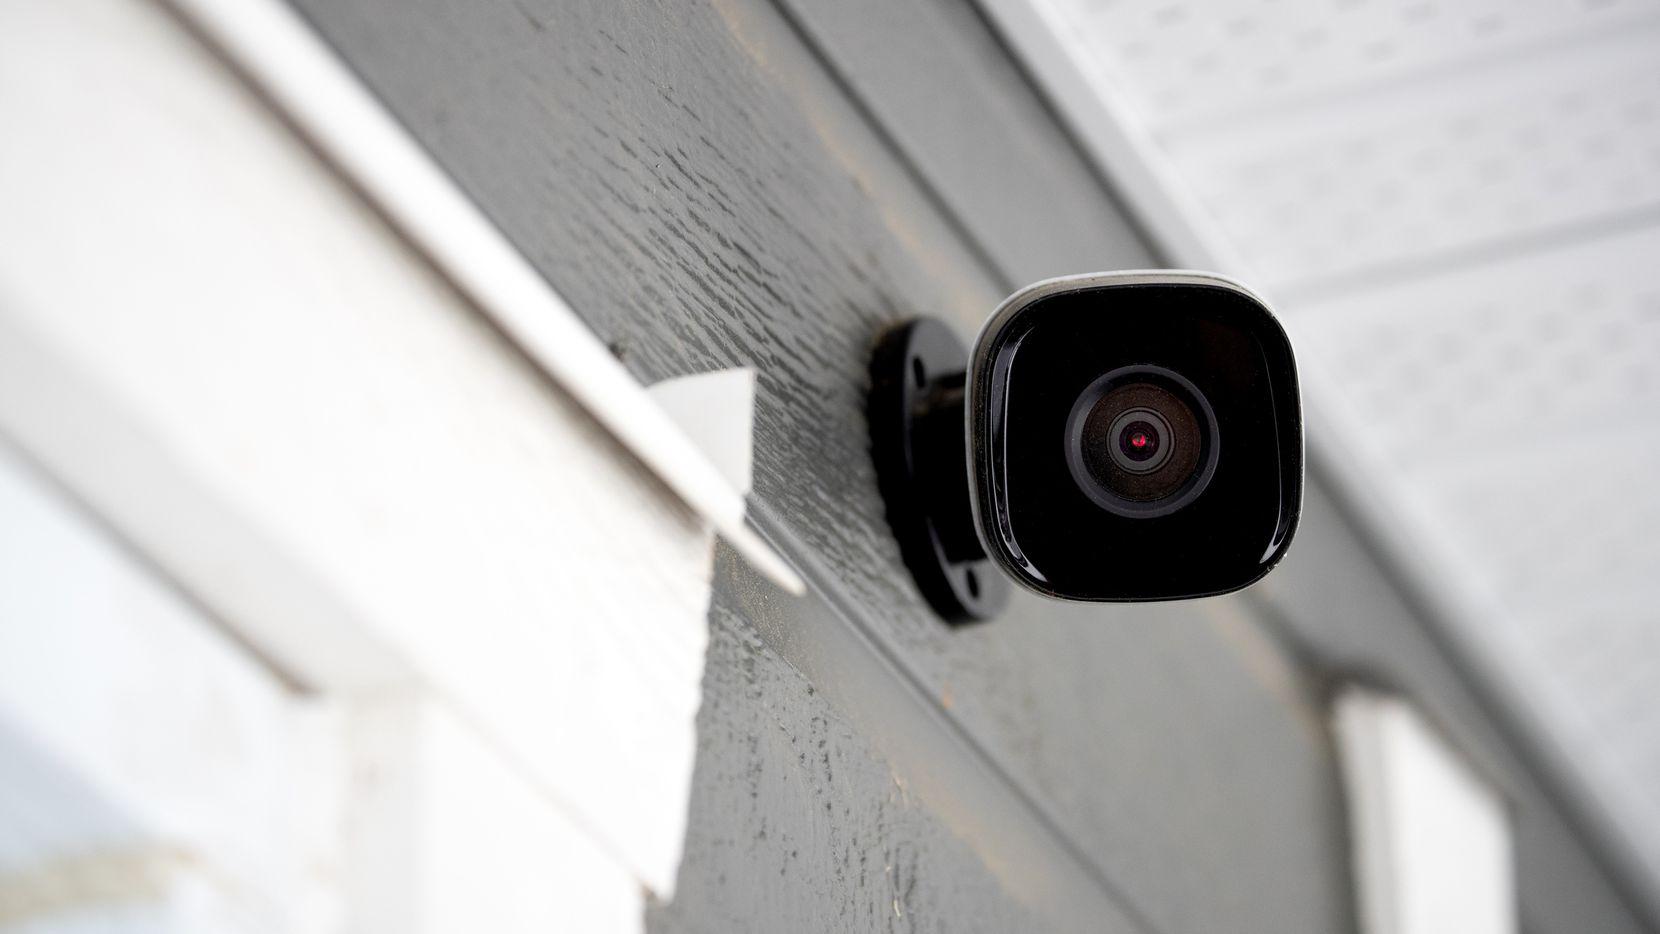 """Un empleado de ADT instalaba cámaras de seguridad y luego accedía a ellas para su """"gratificación personal"""", según un fallo judicial a nivel federal."""